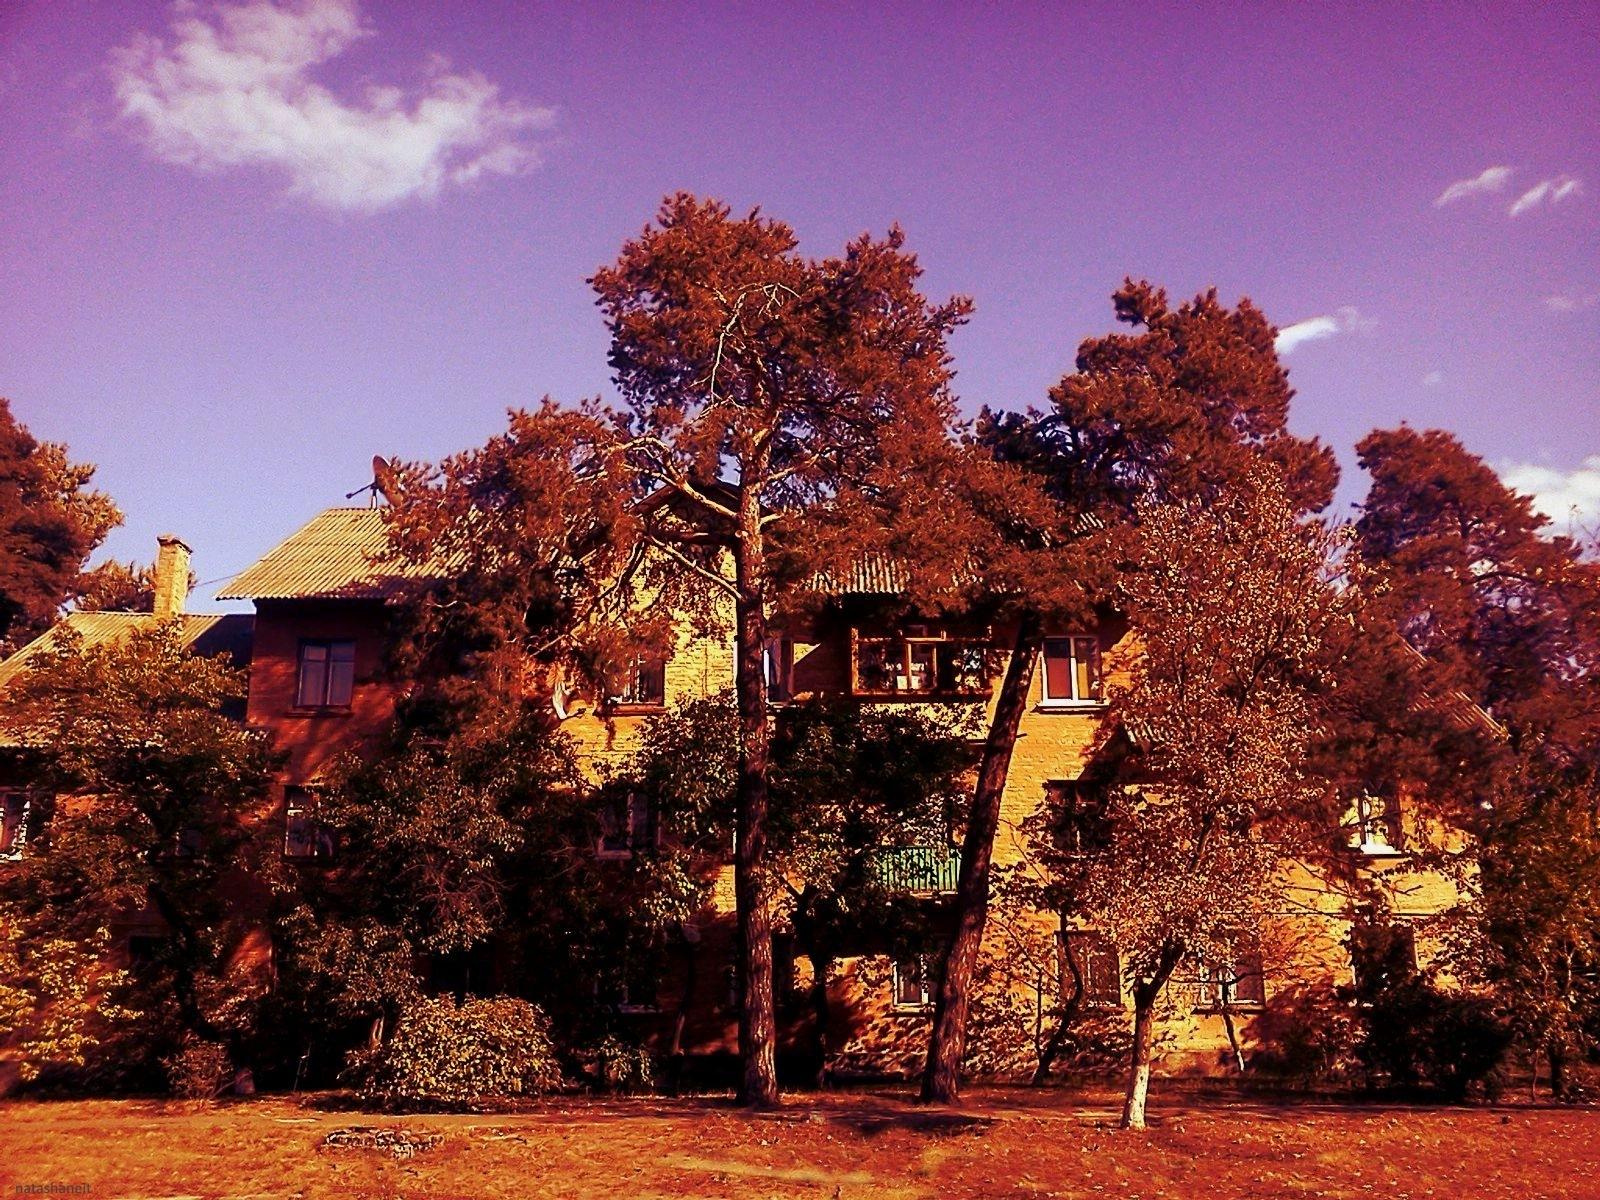 Autumn street by natashaneit